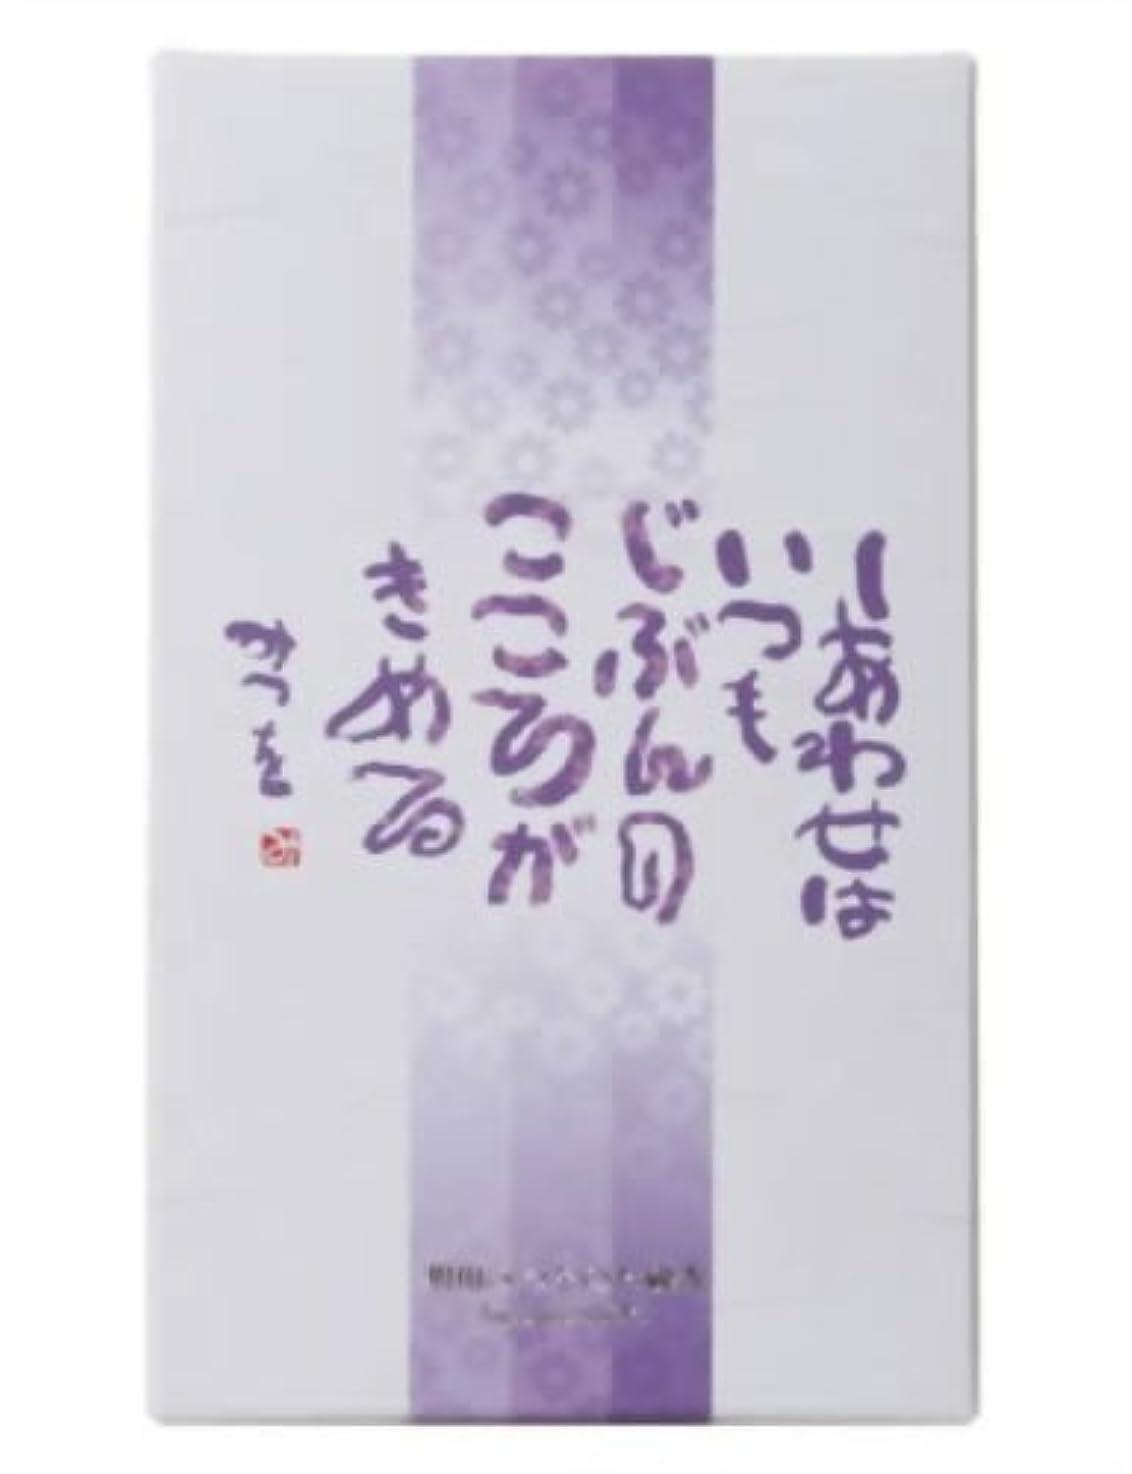 トークン禁止連結する相田みつをのお線香 しあわせ バラ詰 身蓋箱